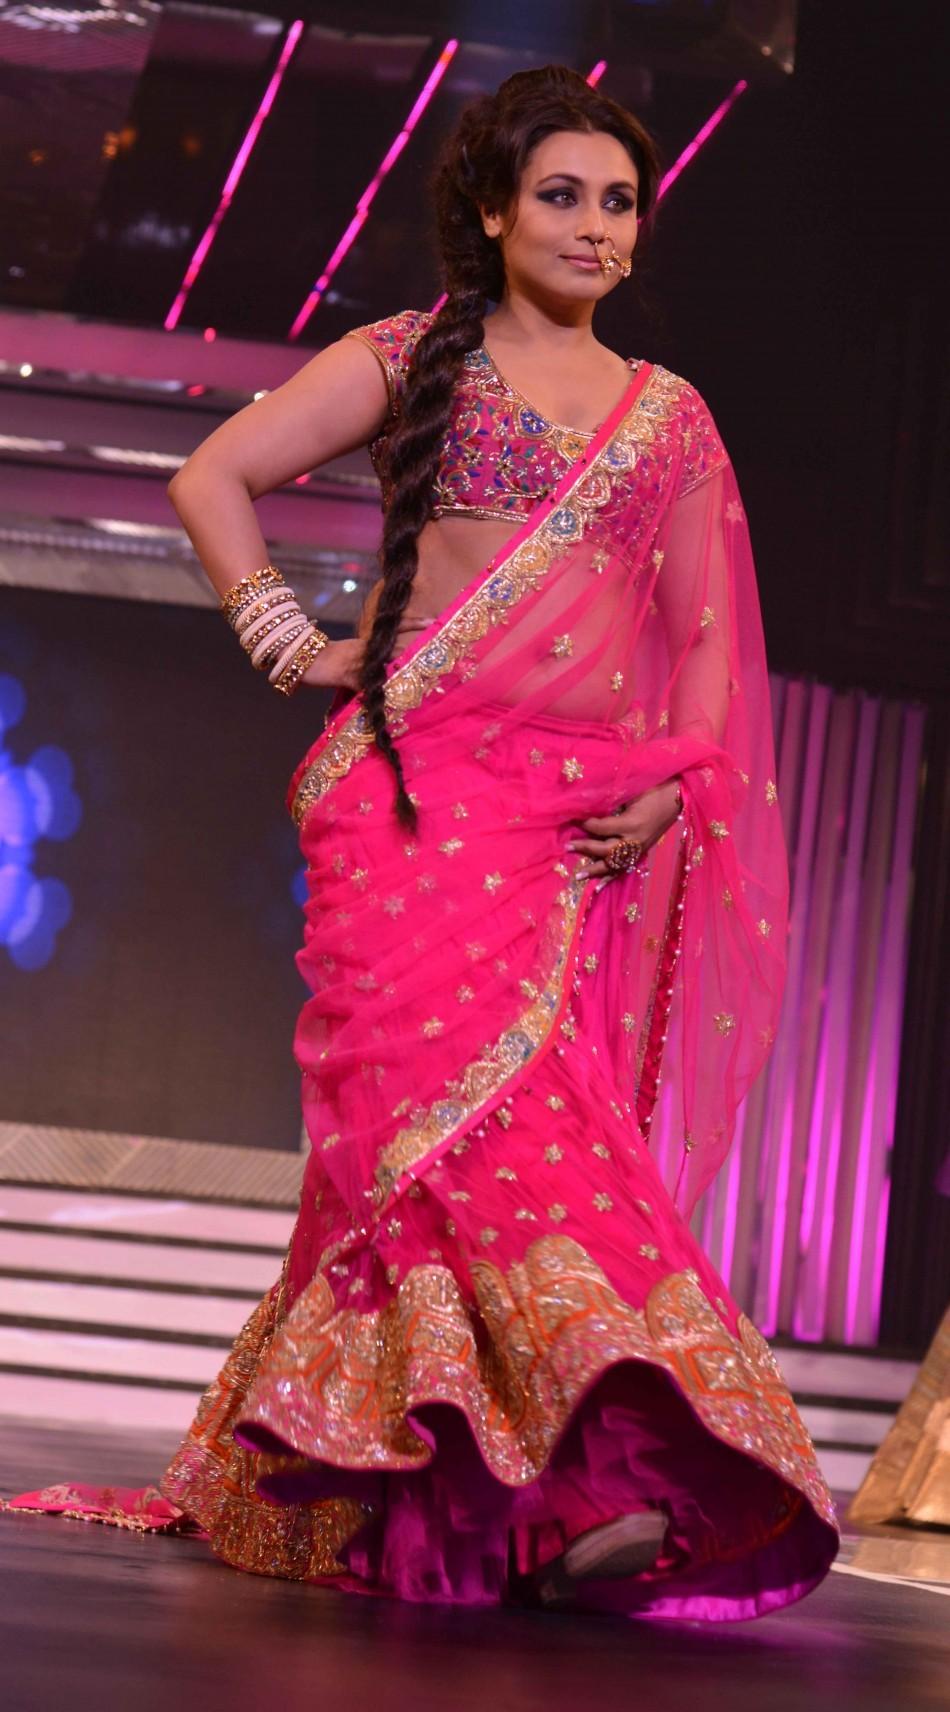 Rani Mukherji seen her in pink lehnga (varinder chawla)